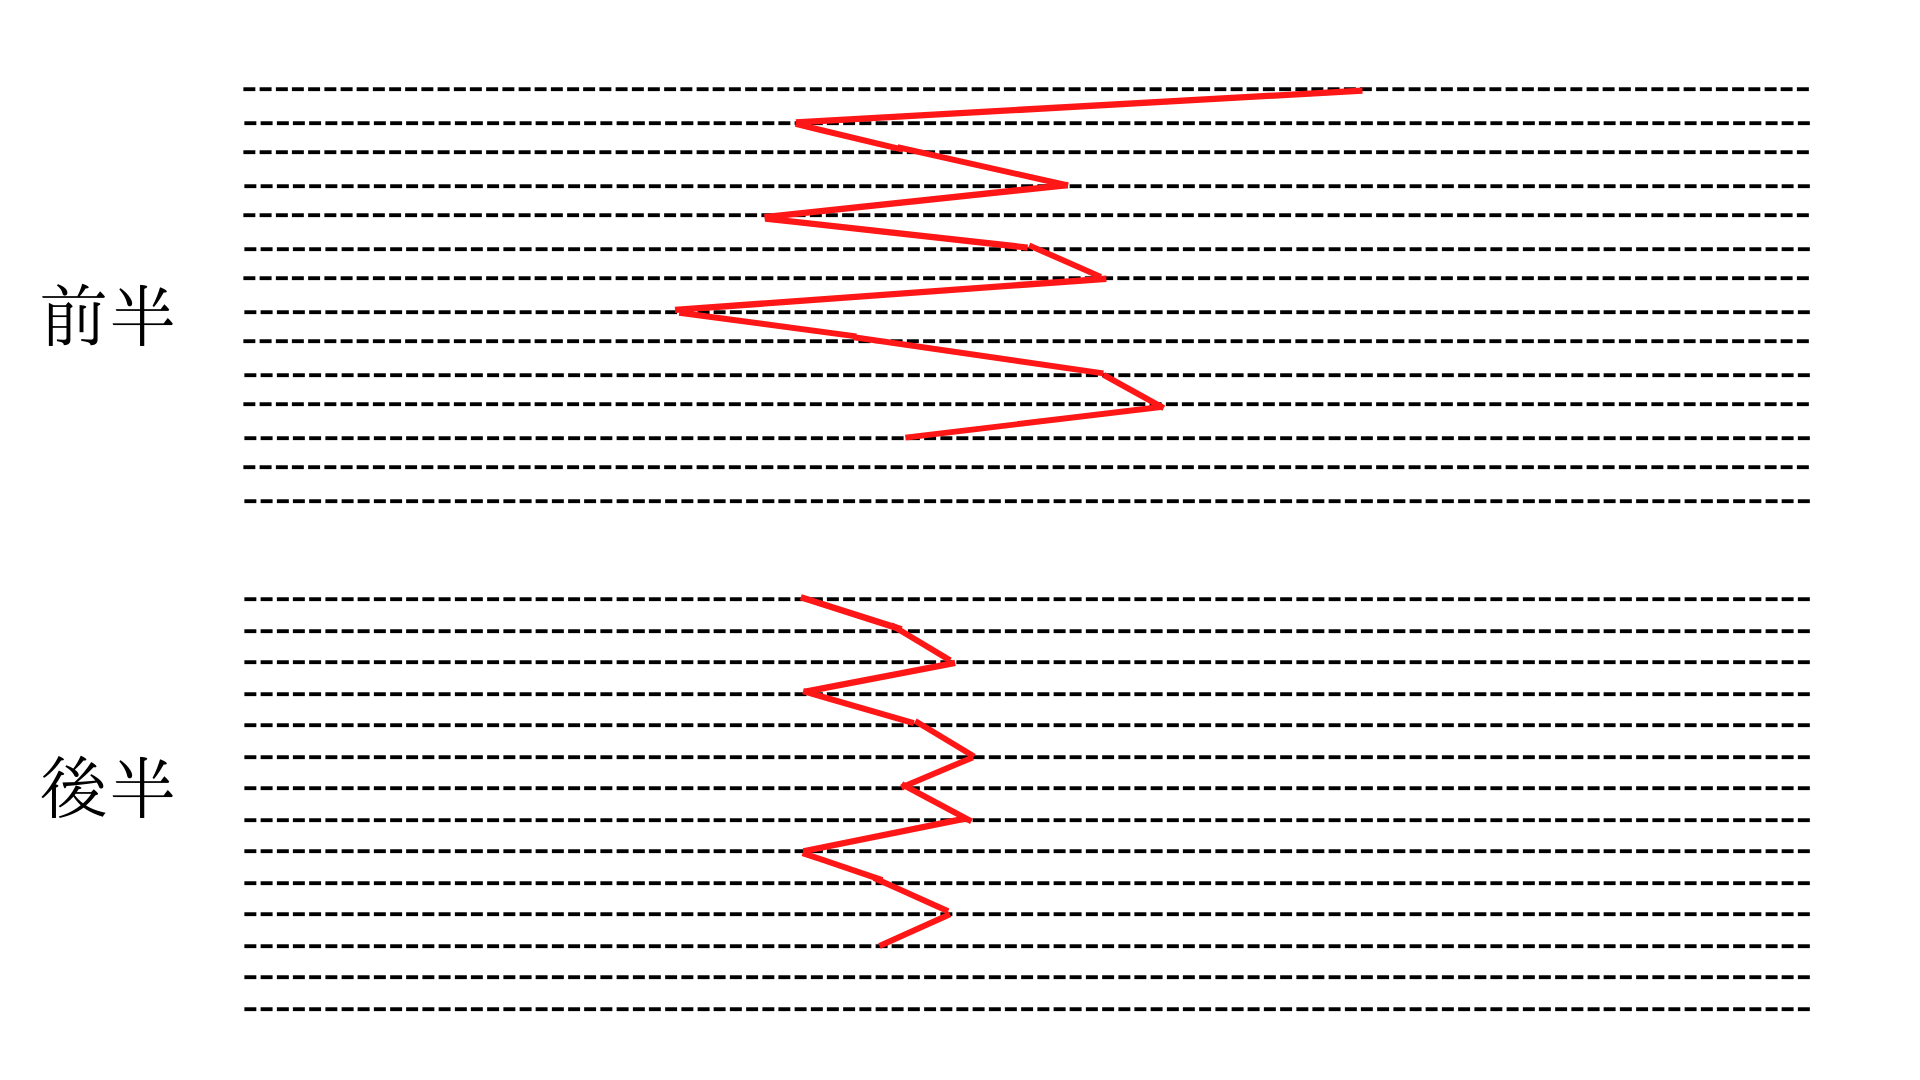 クレペリン検査の非定型